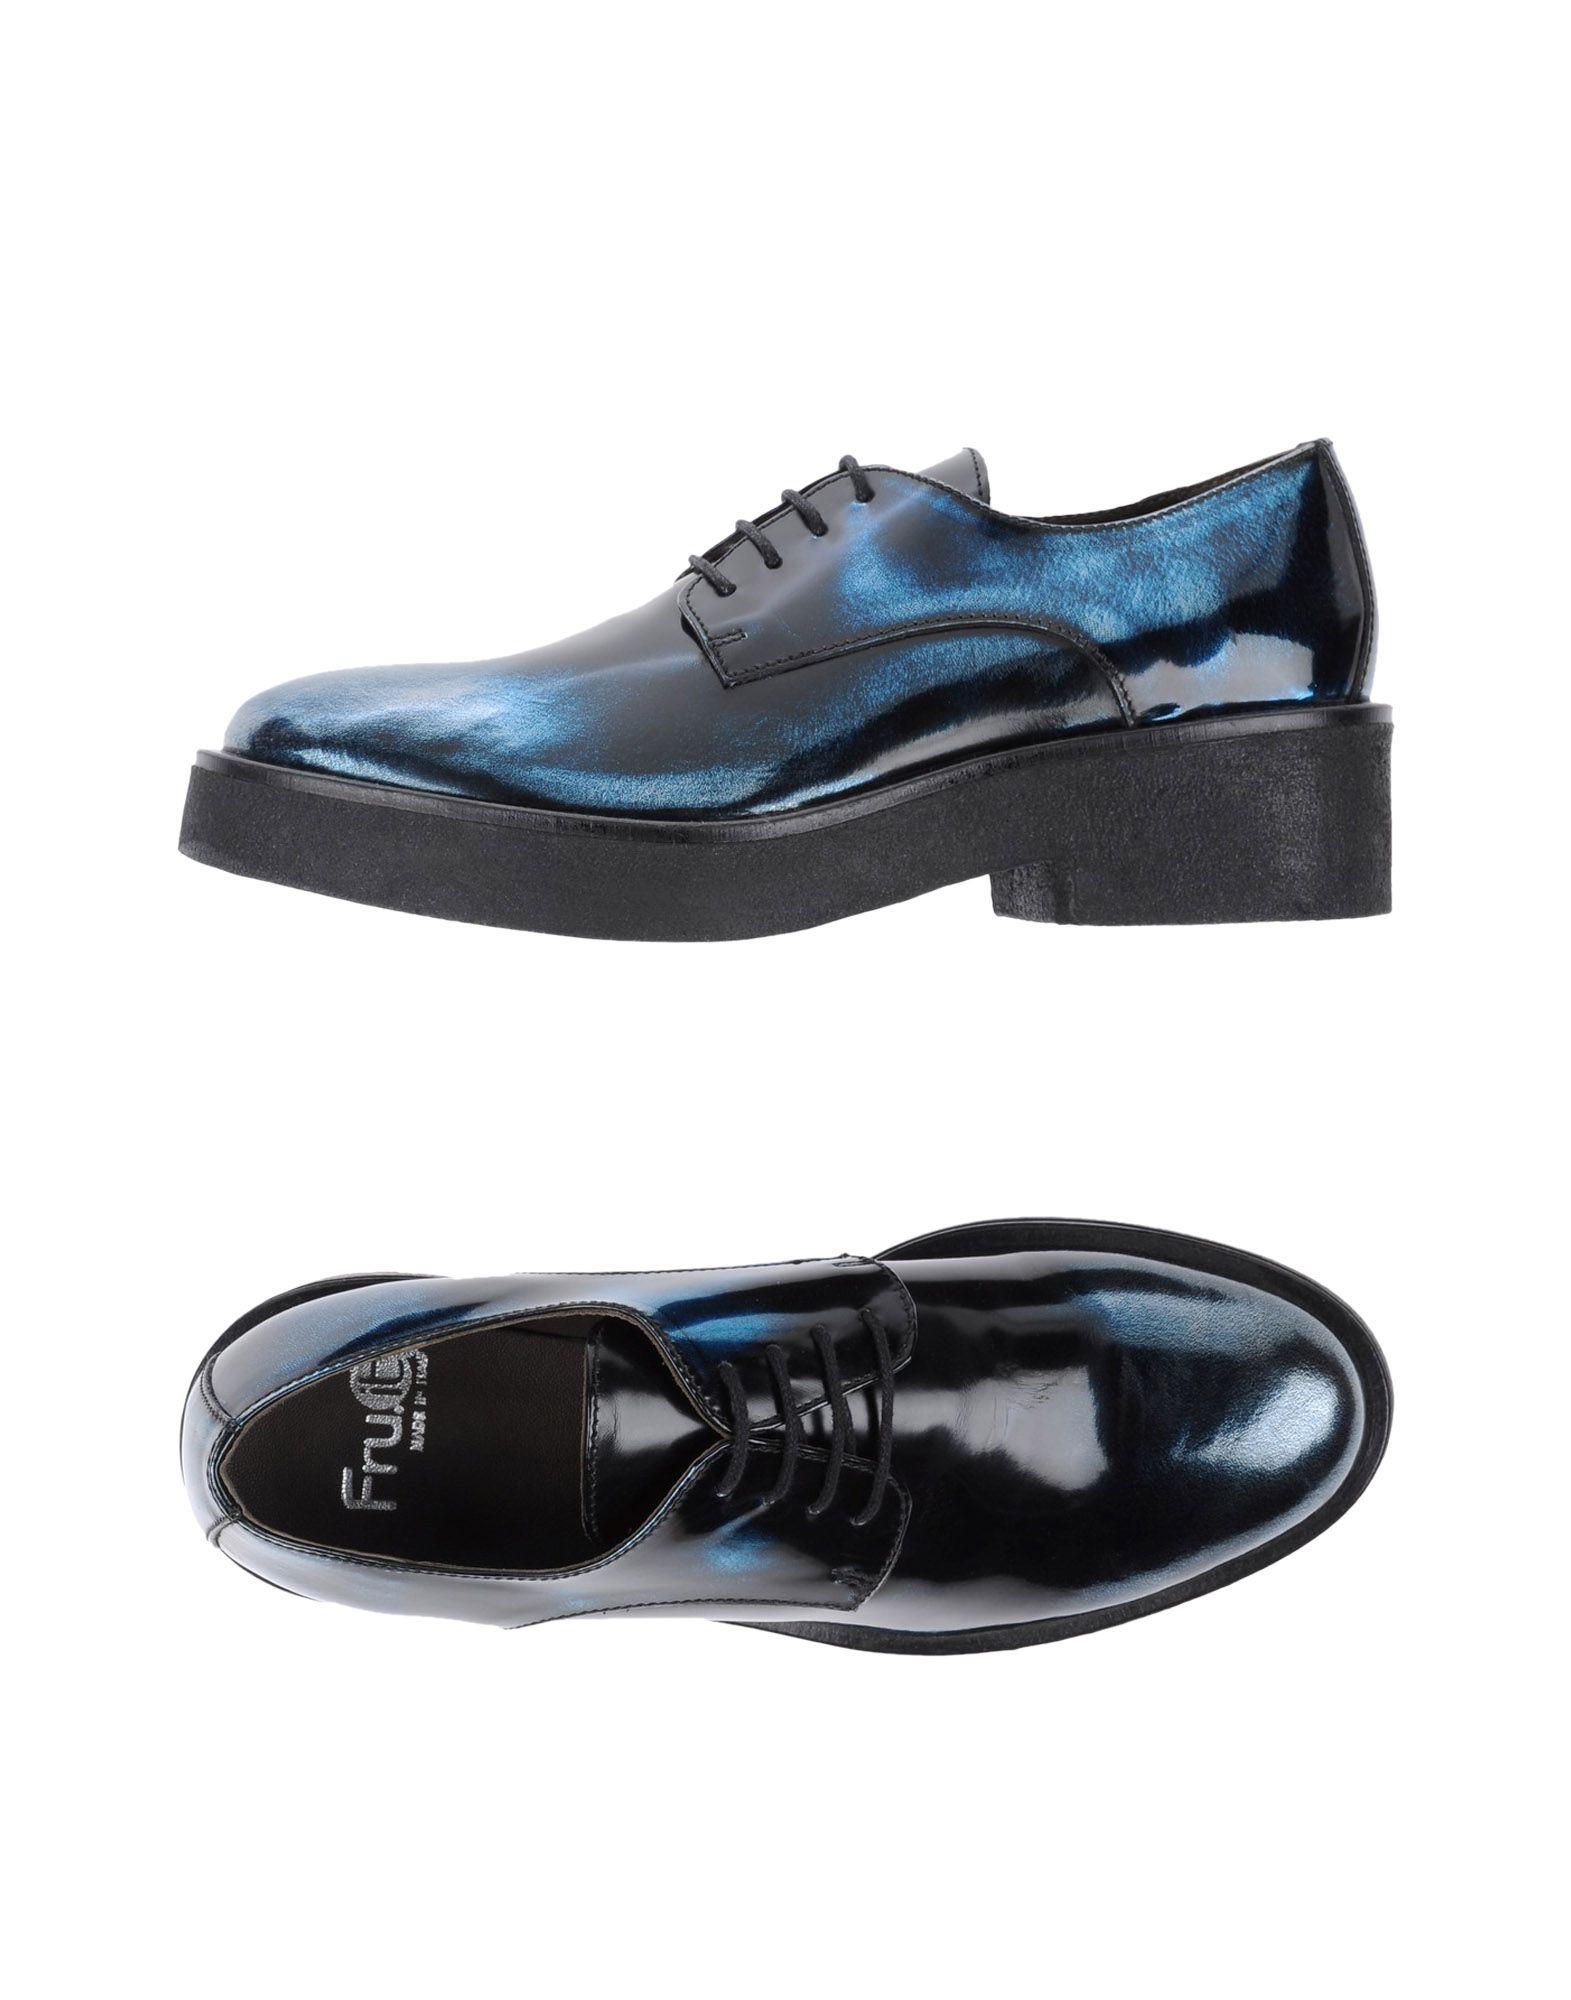 Los últimos zapatos mujeres de descuento para hombres y mujeres zapatos Zapato De Cordones Fru.It Mujer - Zapatos De Cordones Fru.It  Azul marino c4270f